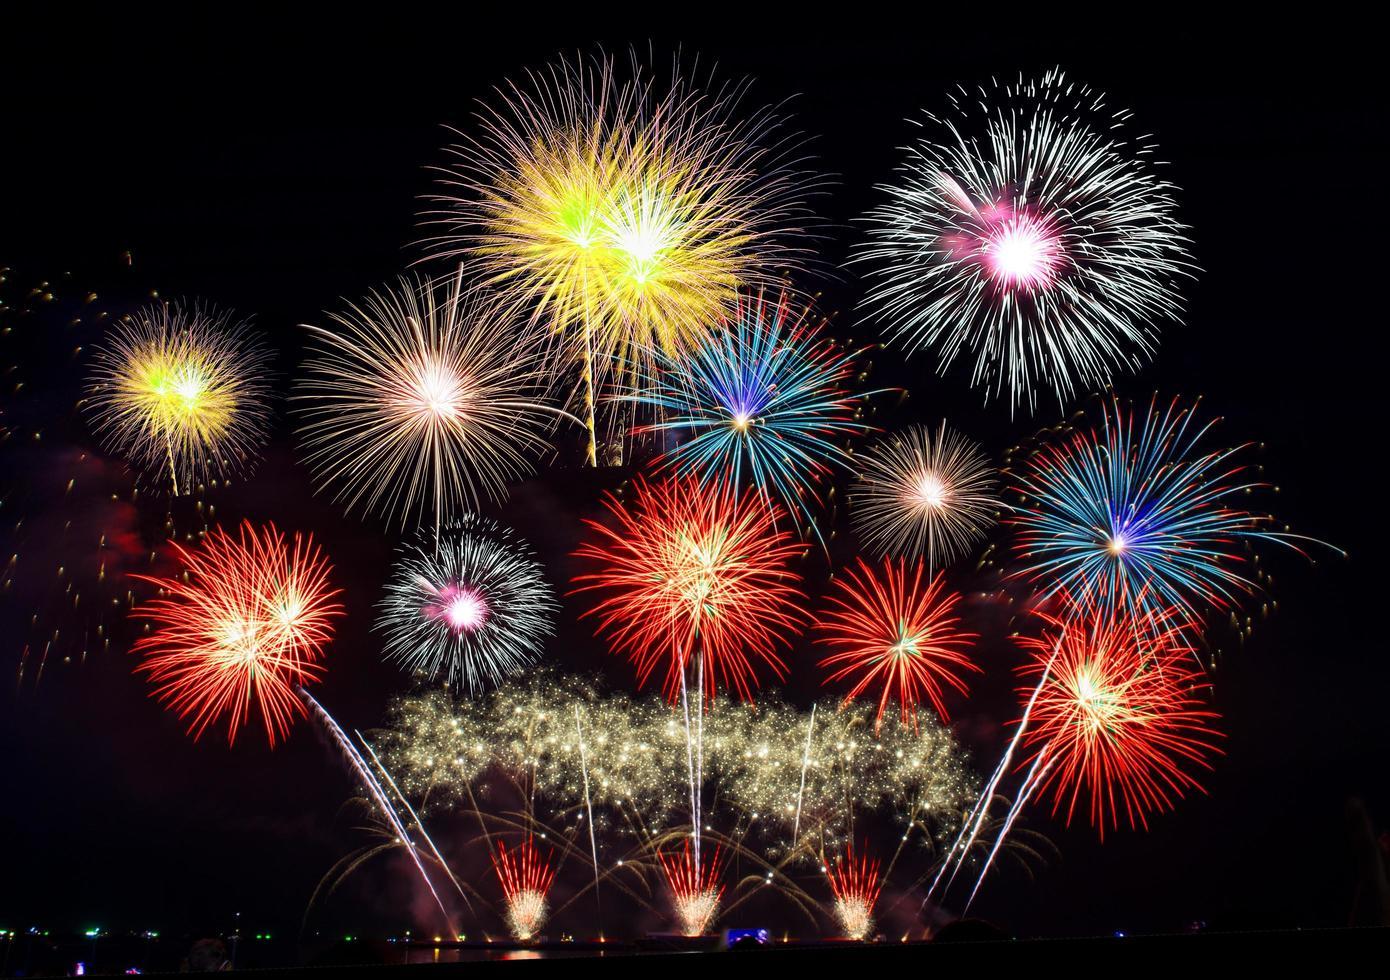 spettacolo di fuochi d'artificio colorati foto